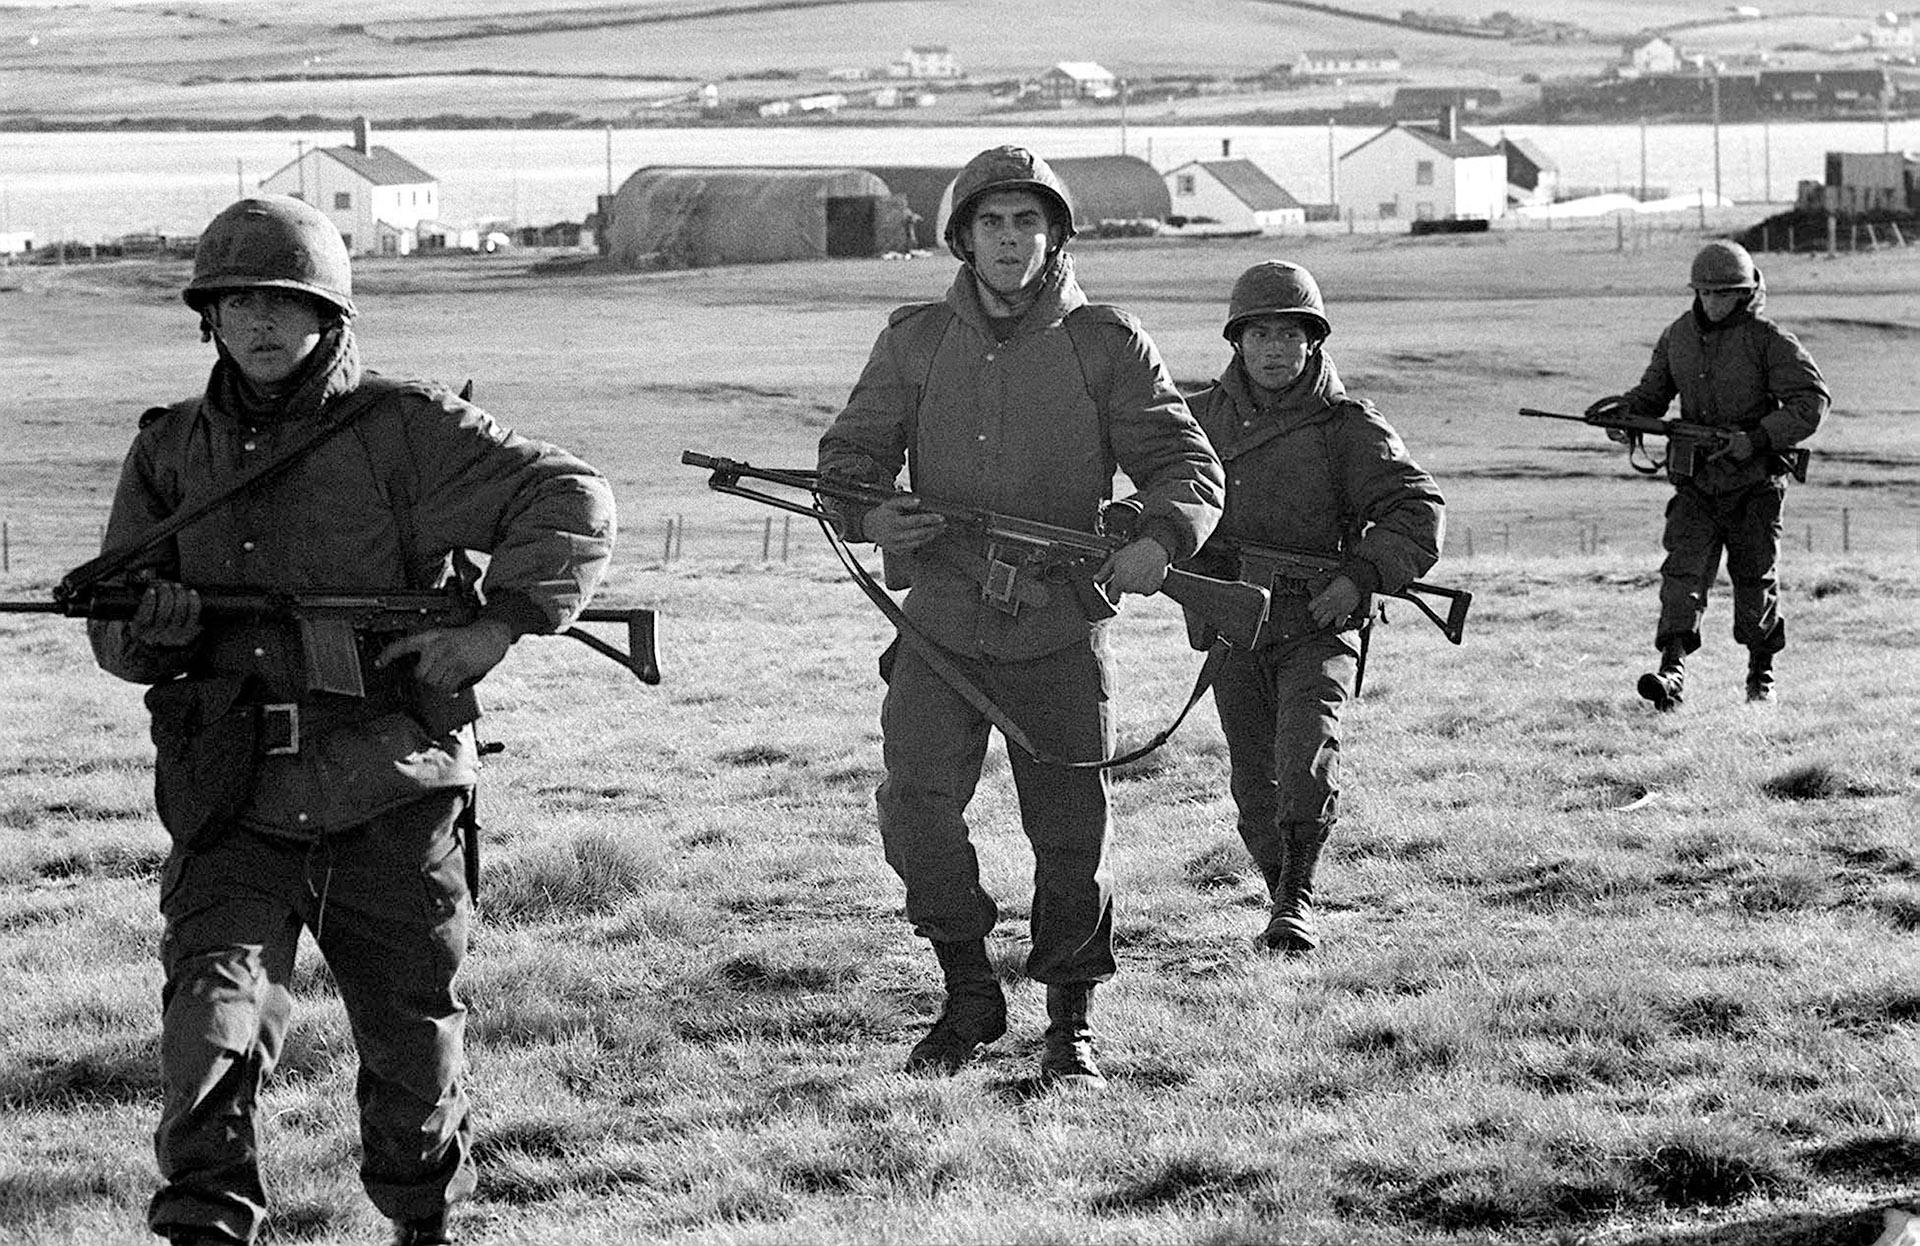 Soldados de todas partes del país combatieron en Malvinas. Esta patrulla se desplaza por un descampado en Puerto Argentino.(Telam: Román von Eckstein)